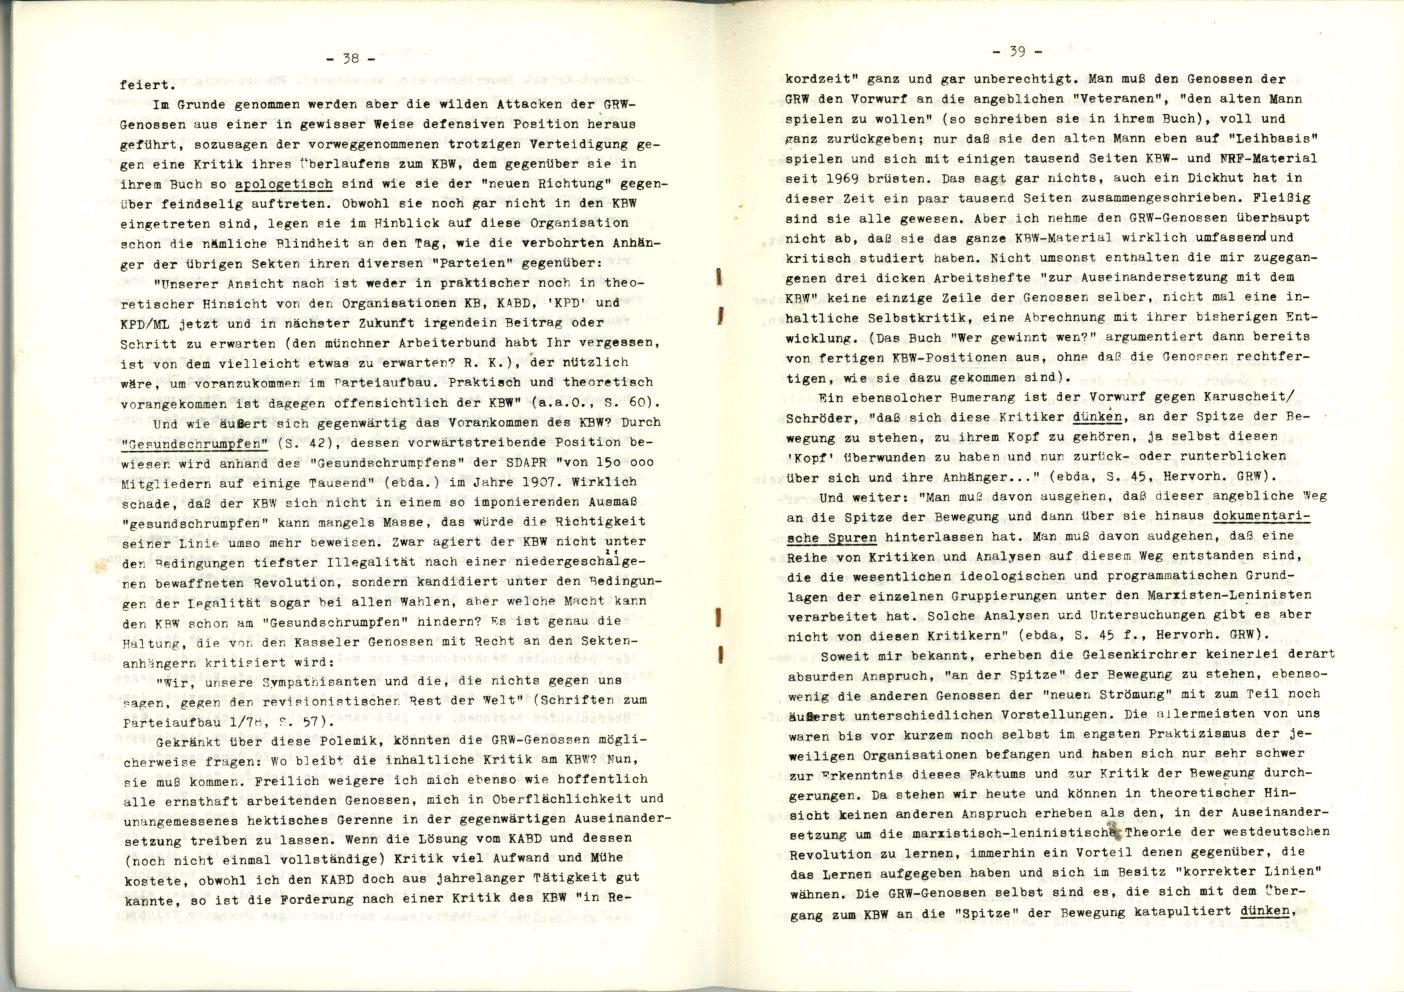 Nuernberg_Fuerth_Erlangen_ML_Diskussionsbeitraege_1979_02_20